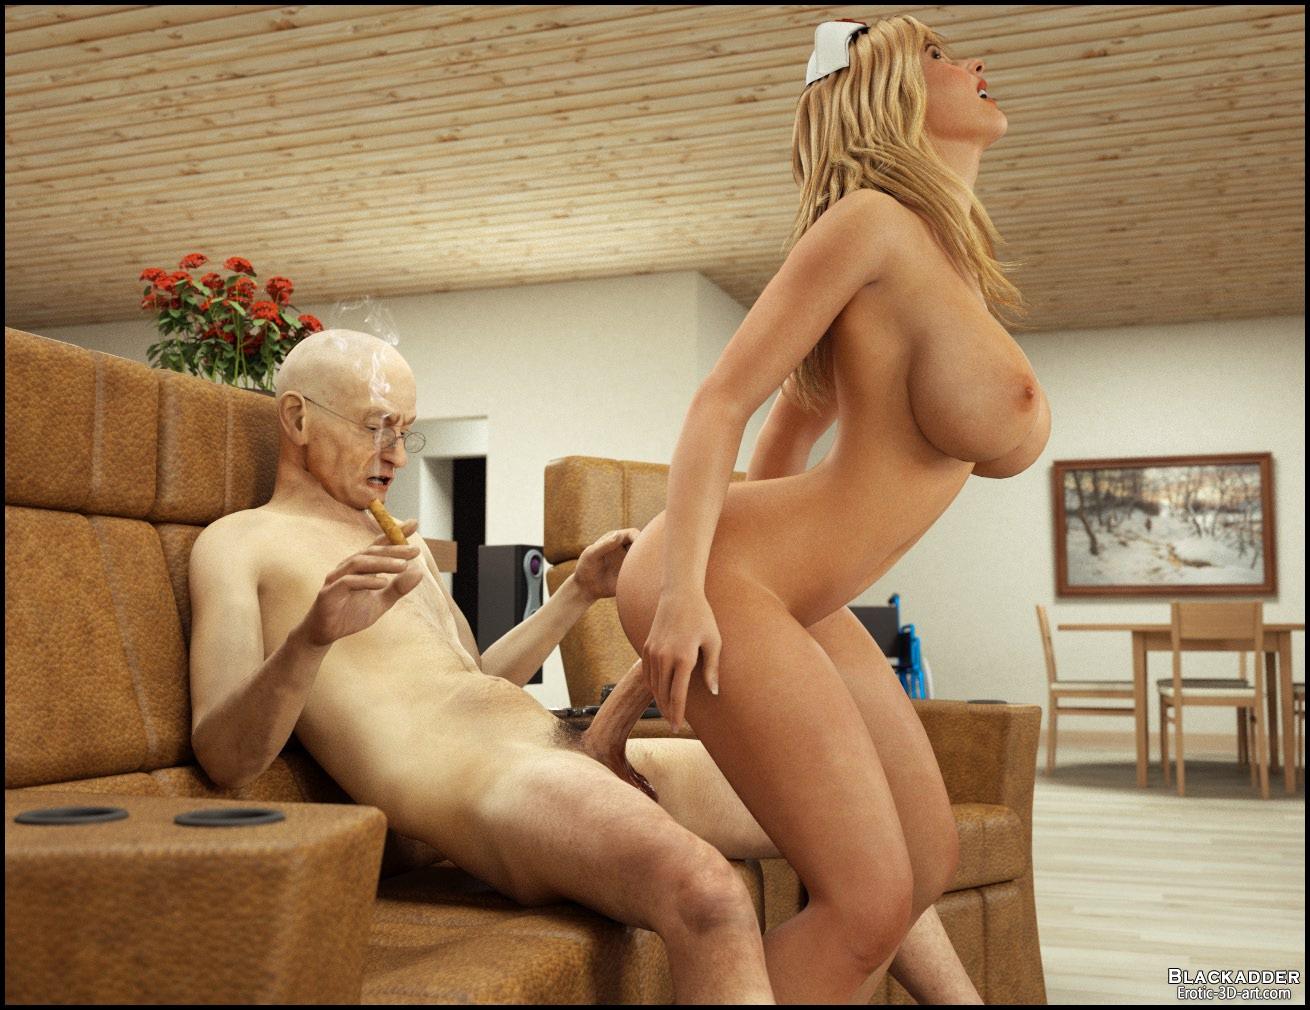 Смотреть онлайн порно медсестры со стариками бесплатно 15 фотография